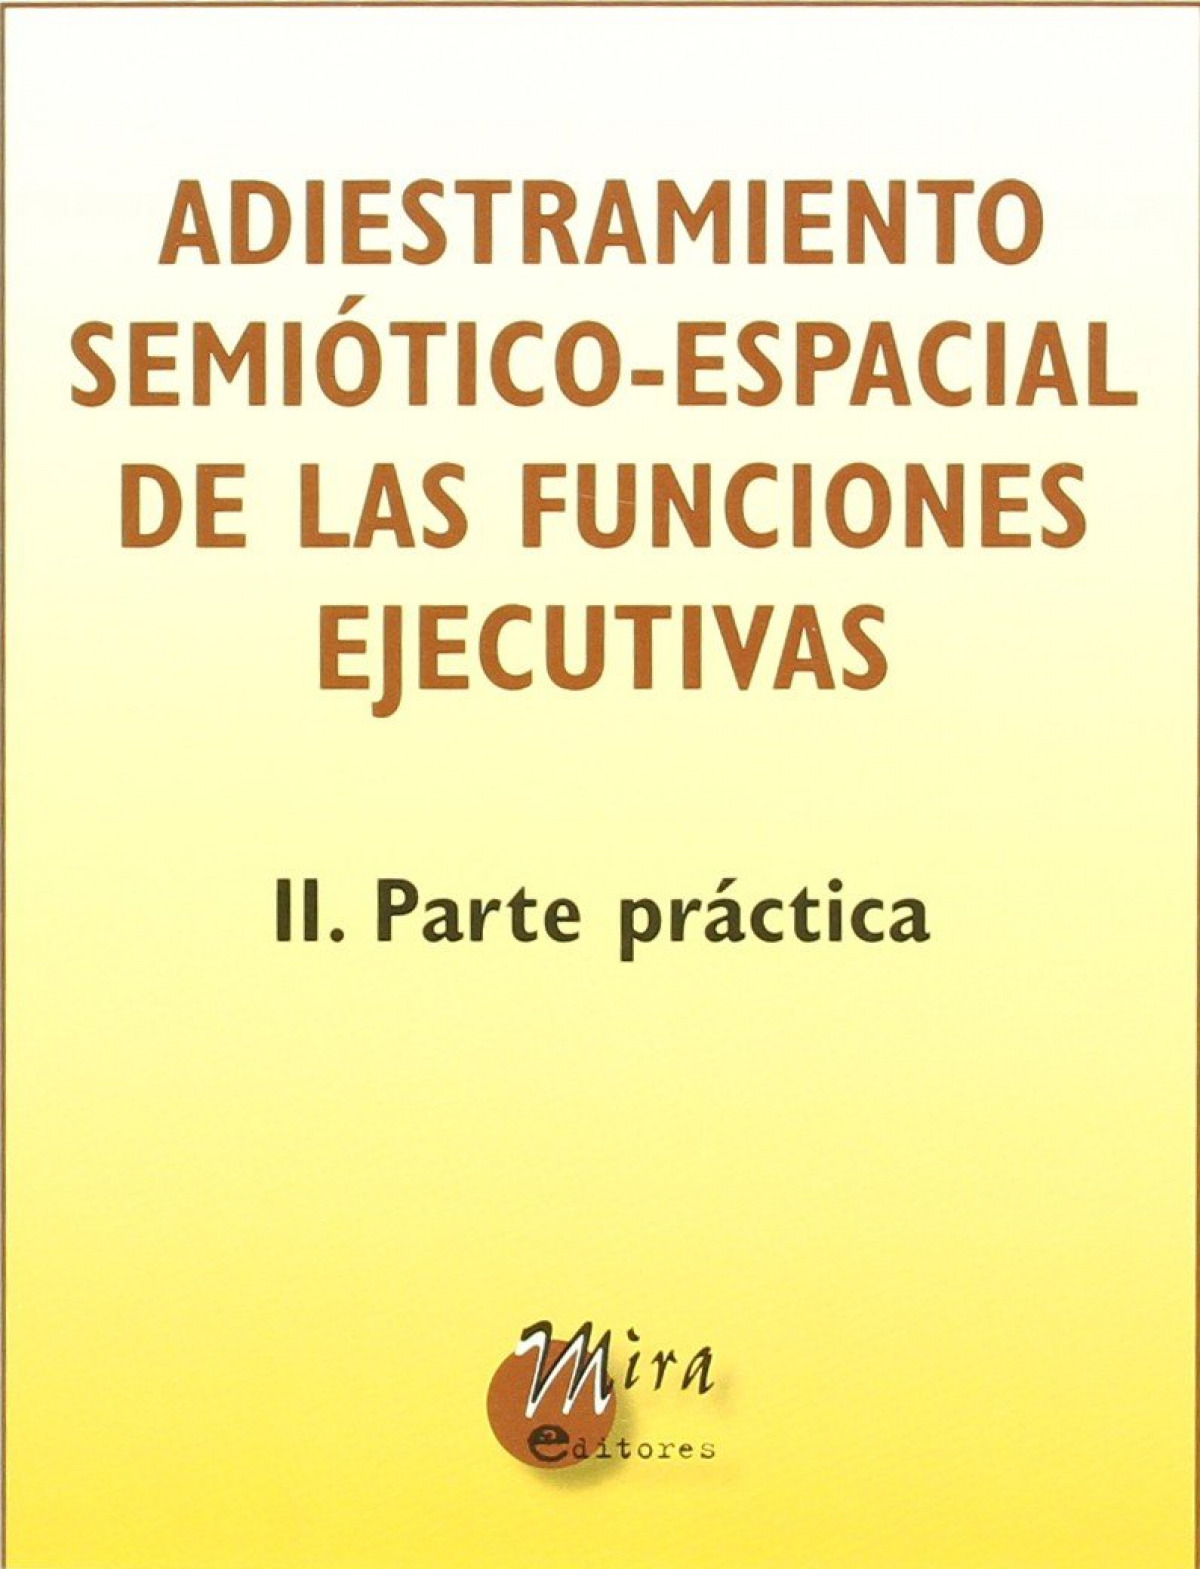 Adiestramiento semiótico-espacial de las funciones ejecutivas II: parte práctica